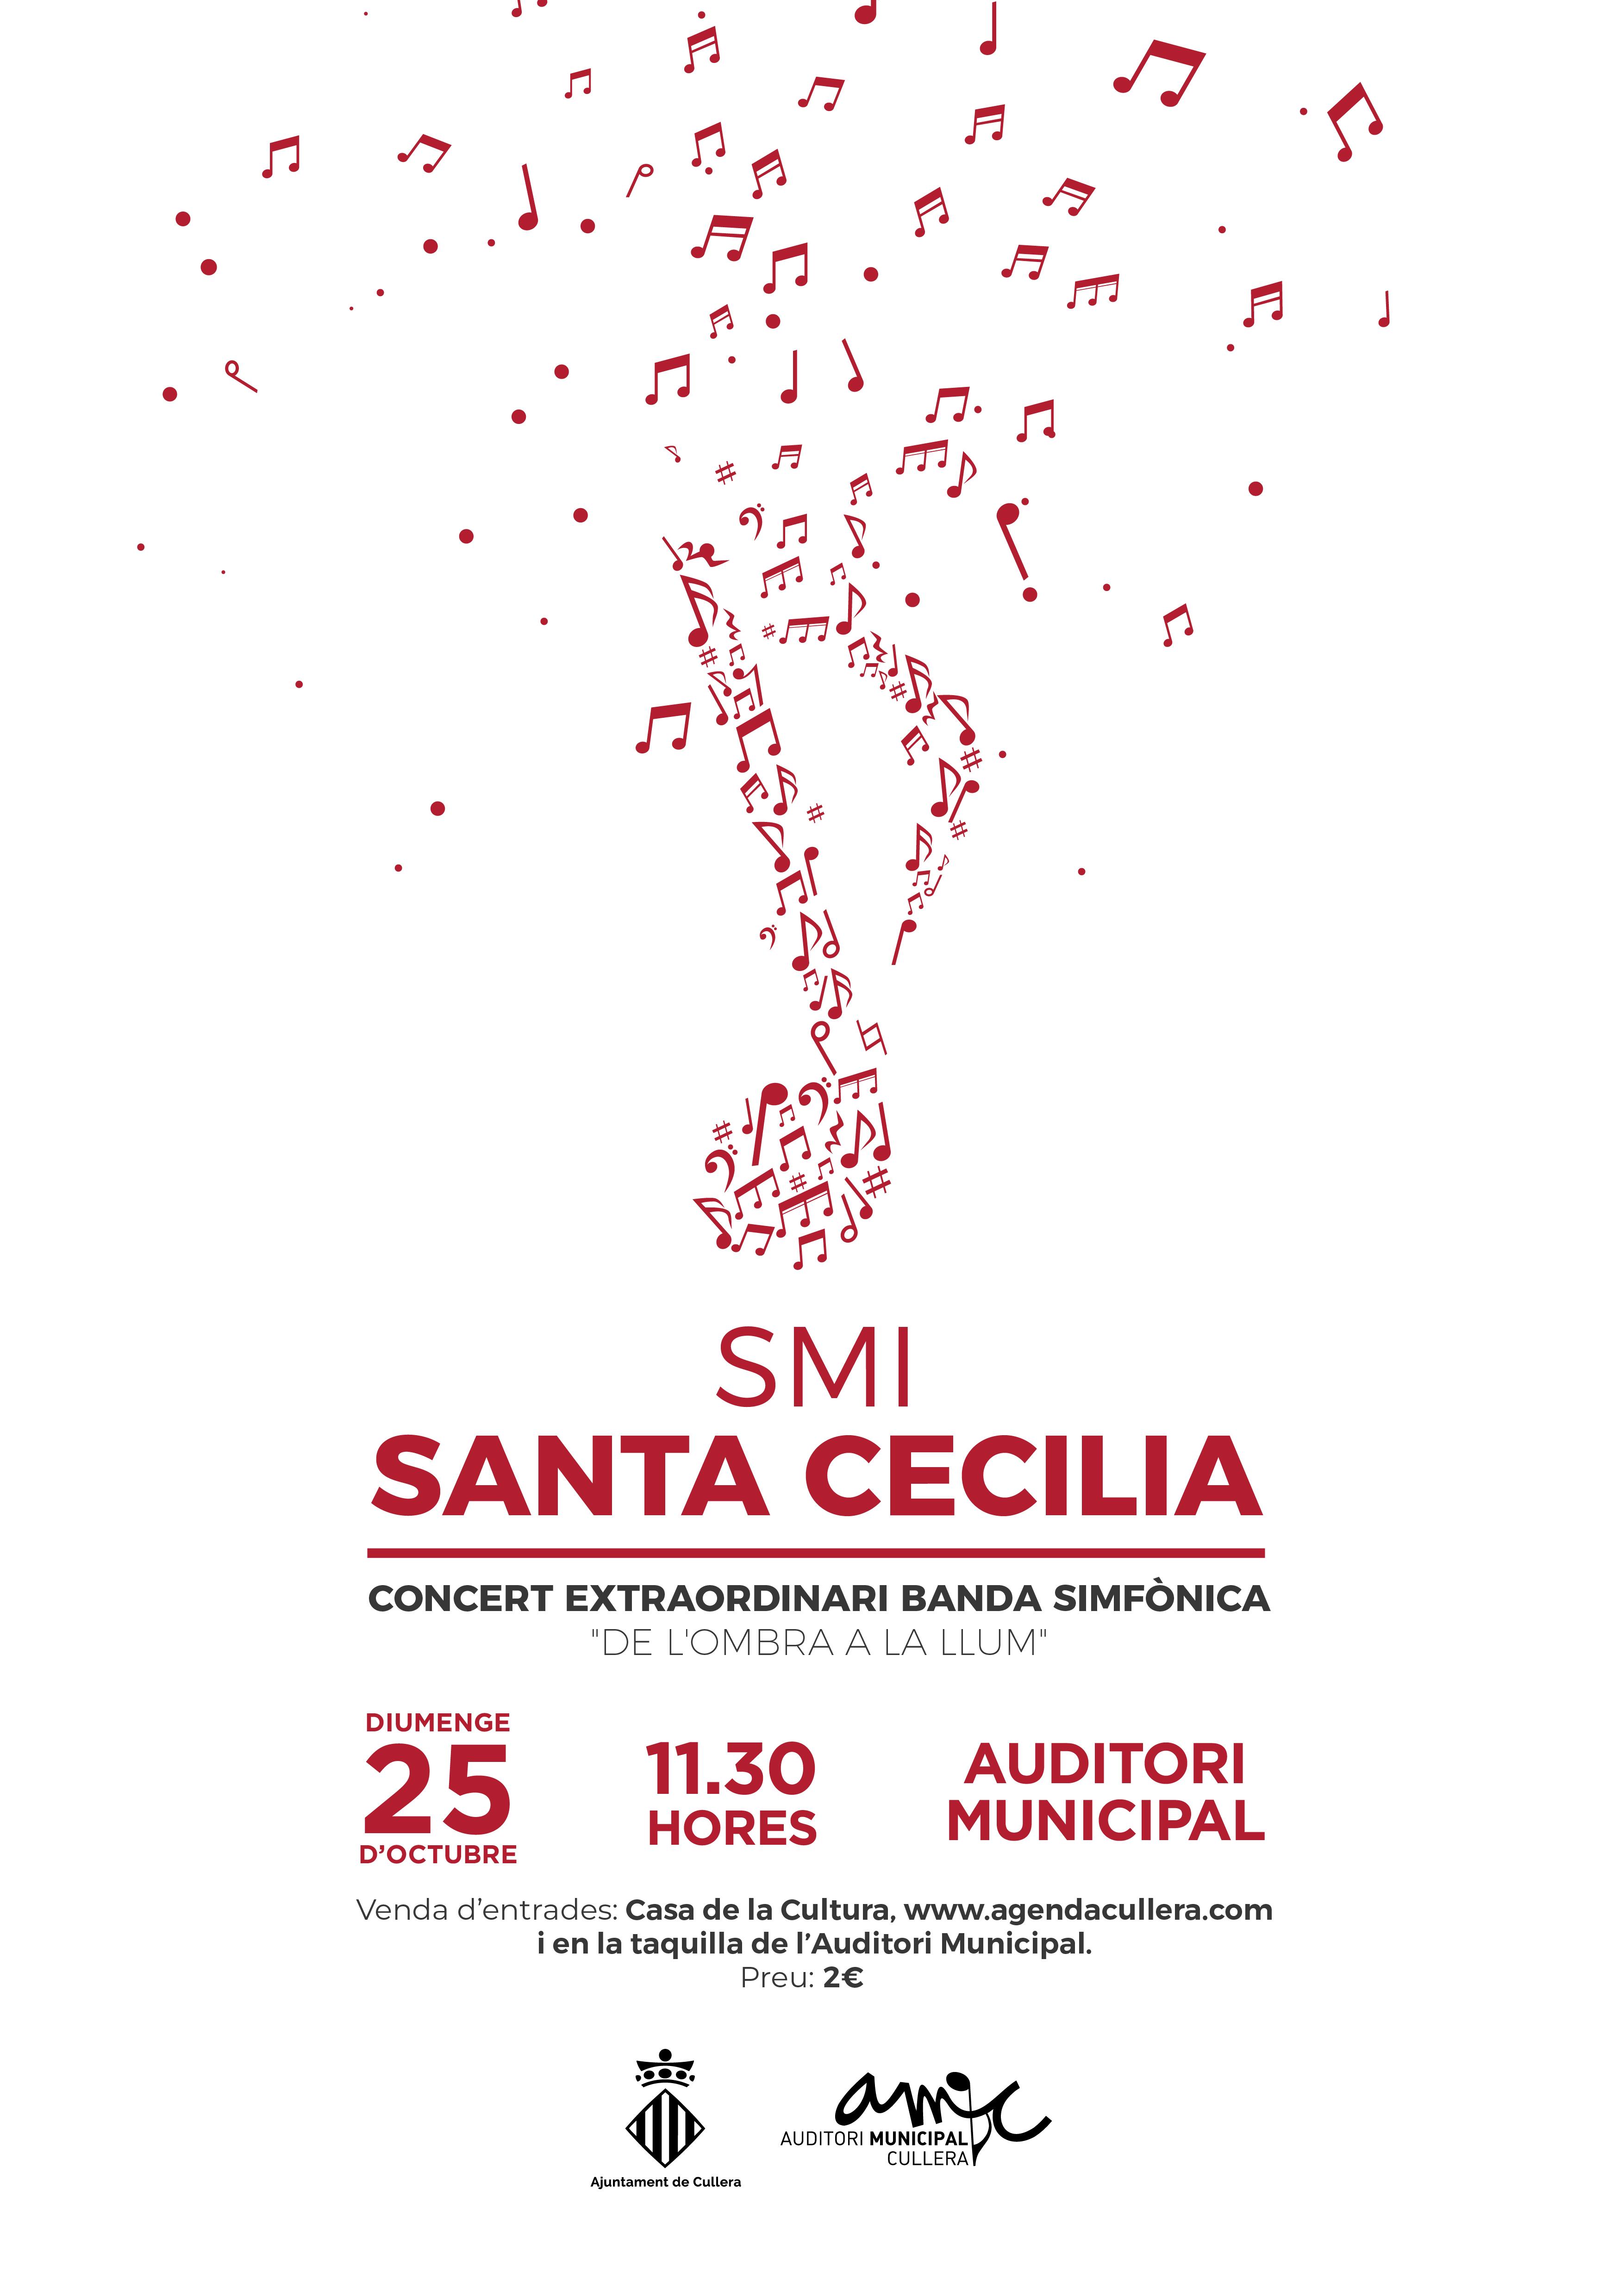 CONCERT EXTRAORDINARI DE LA S.M.I. SANTA CECILIA